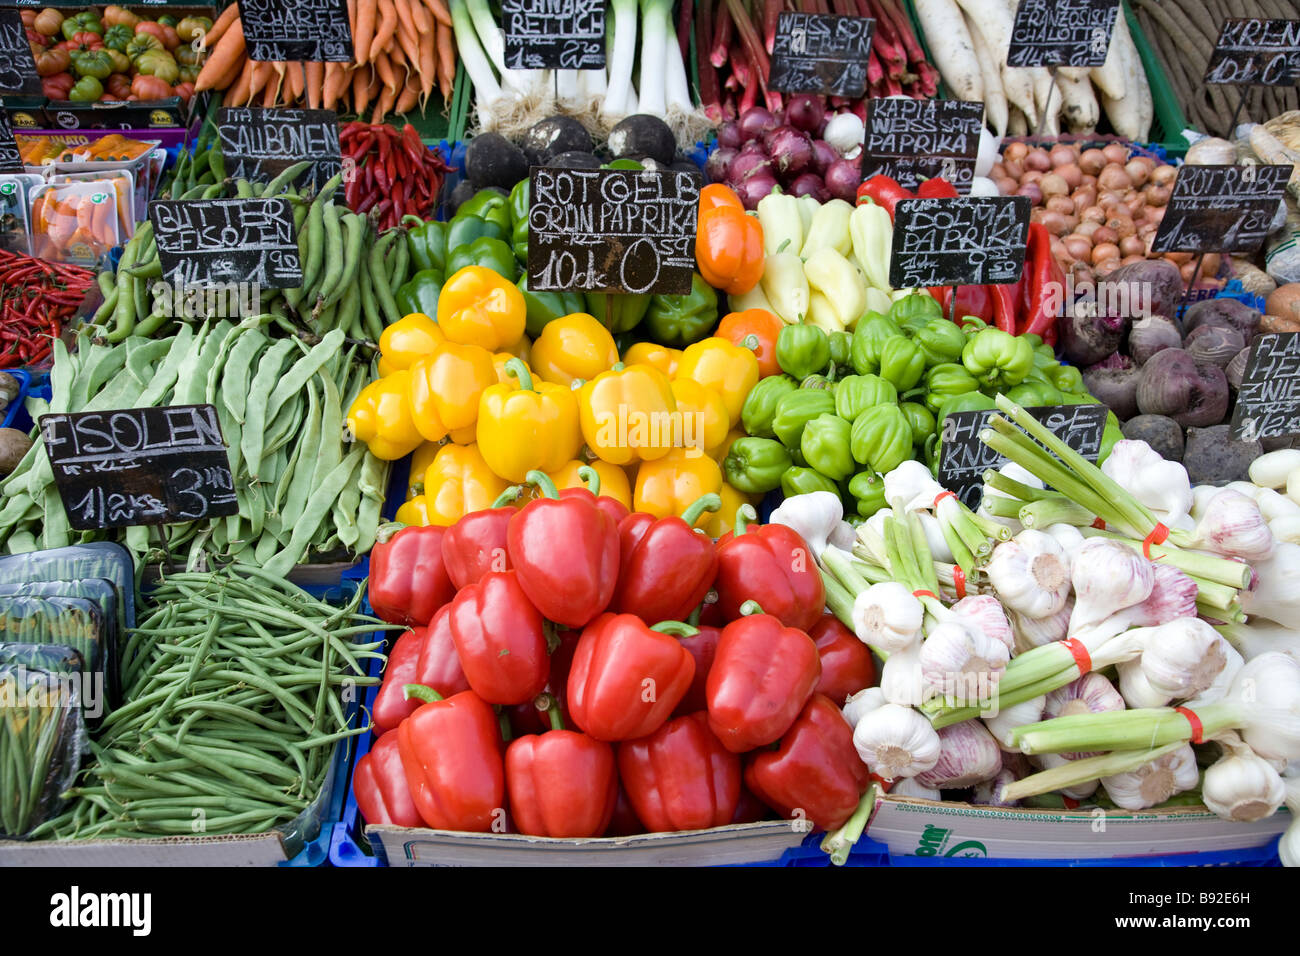 Gemüse auf Stand auf der beliebten Naschmarkt Open-Air-Markt in Wien Österreich angezeigt Stockbild